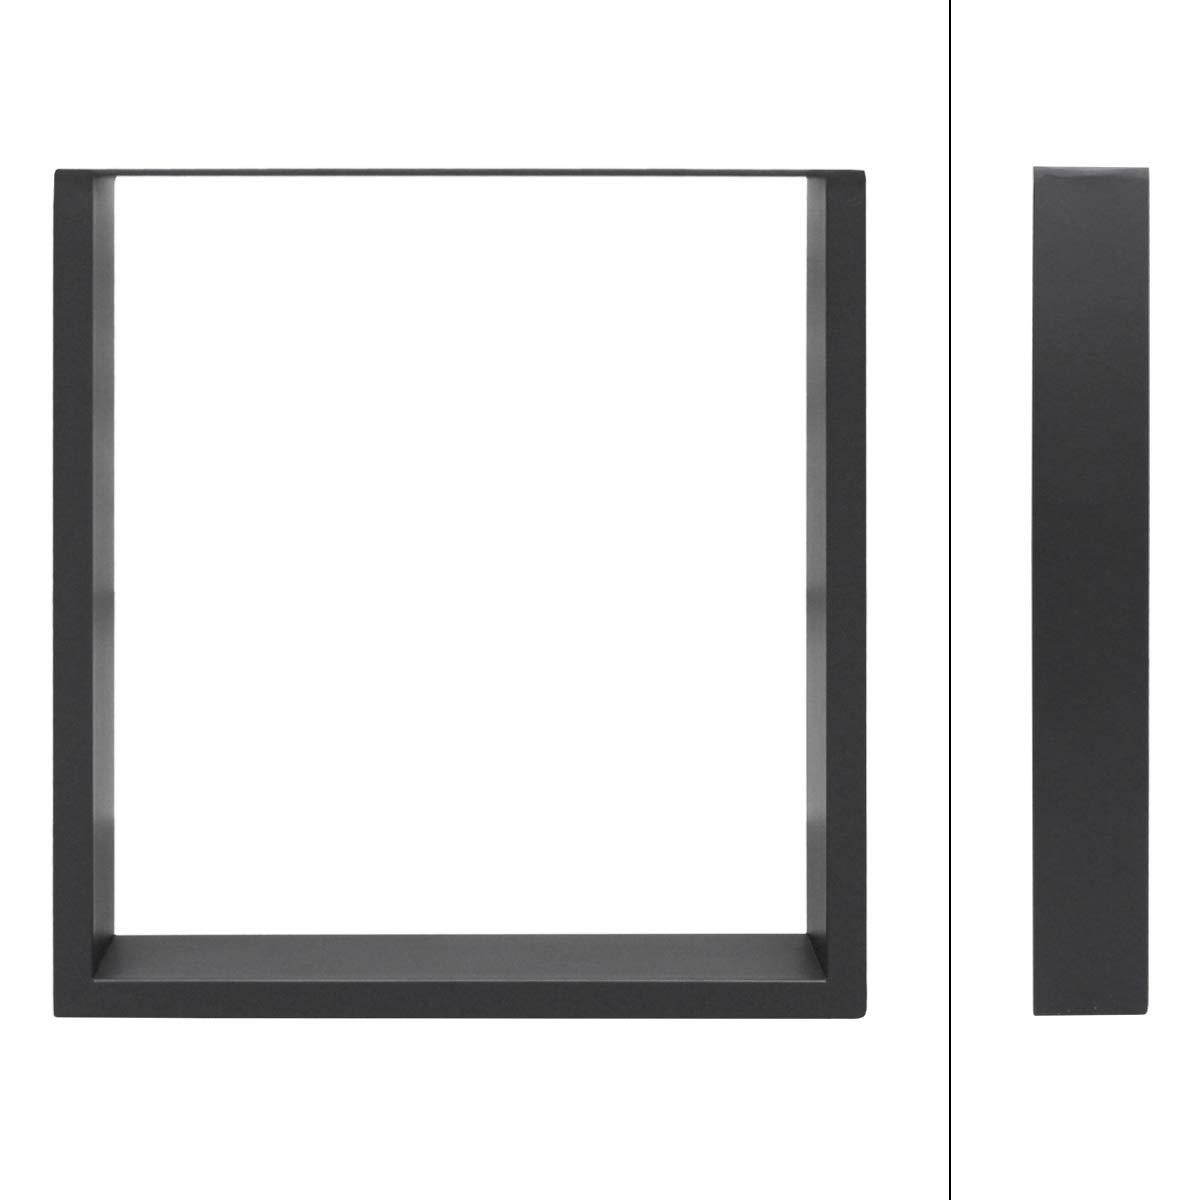 ECD Germany 2x Patas de mesa dise/ño industrial hecho de acero pies de mesa gris 40 x 43 cm juego de patas de mesa